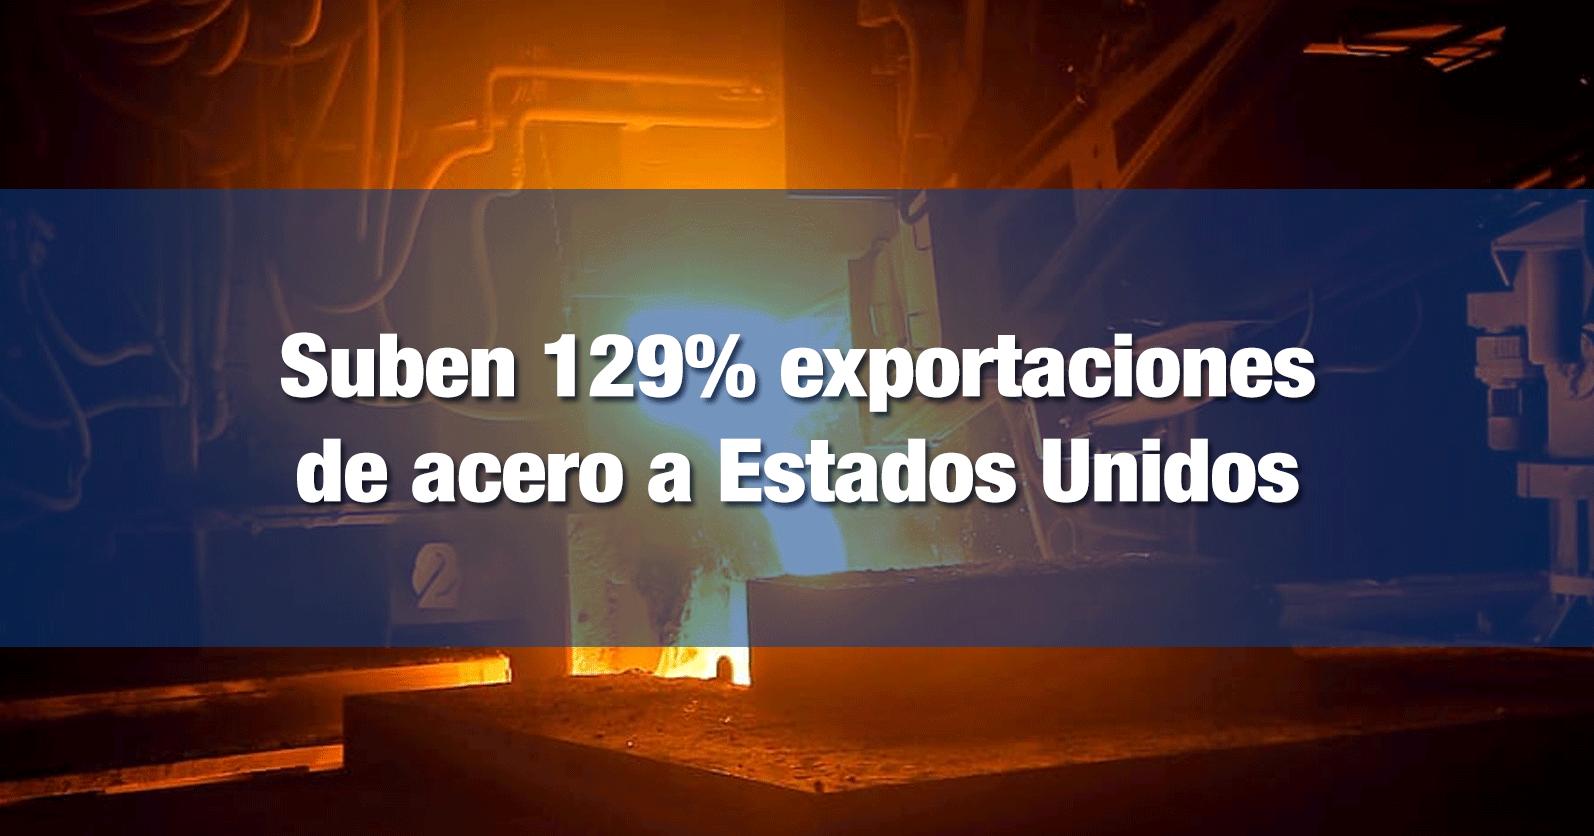 Suben 129% exportaciones de acero a Estados Unidos